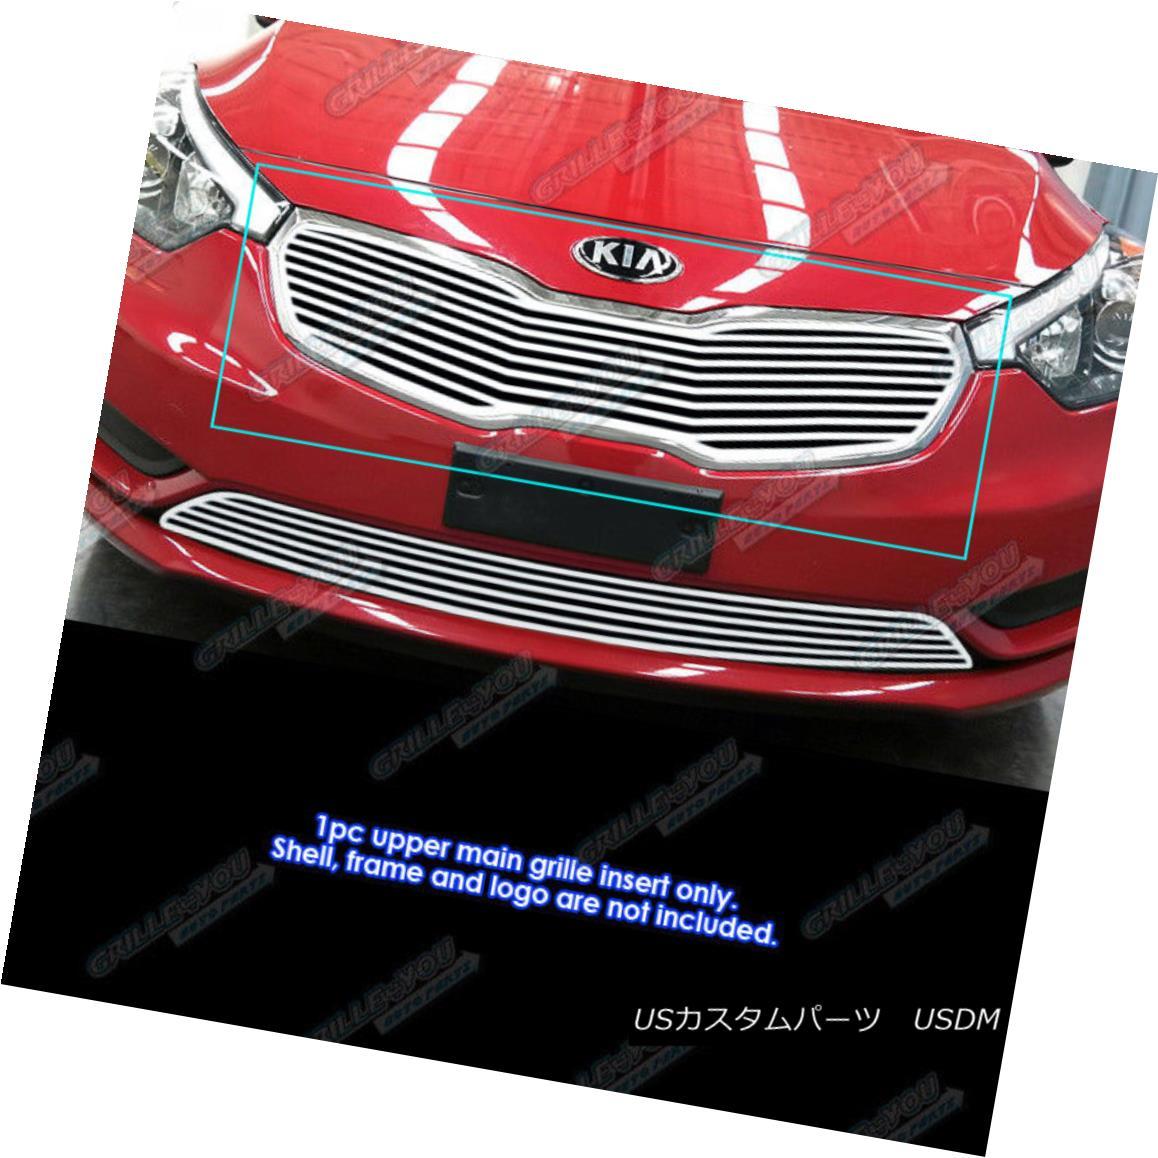 グリル Fits 2014-2016 Kia Forte CNC Polished Perimeter Grille Insert フィット2014-2016 Kia Forte CNCポリッシュペリメーターグリルインサート